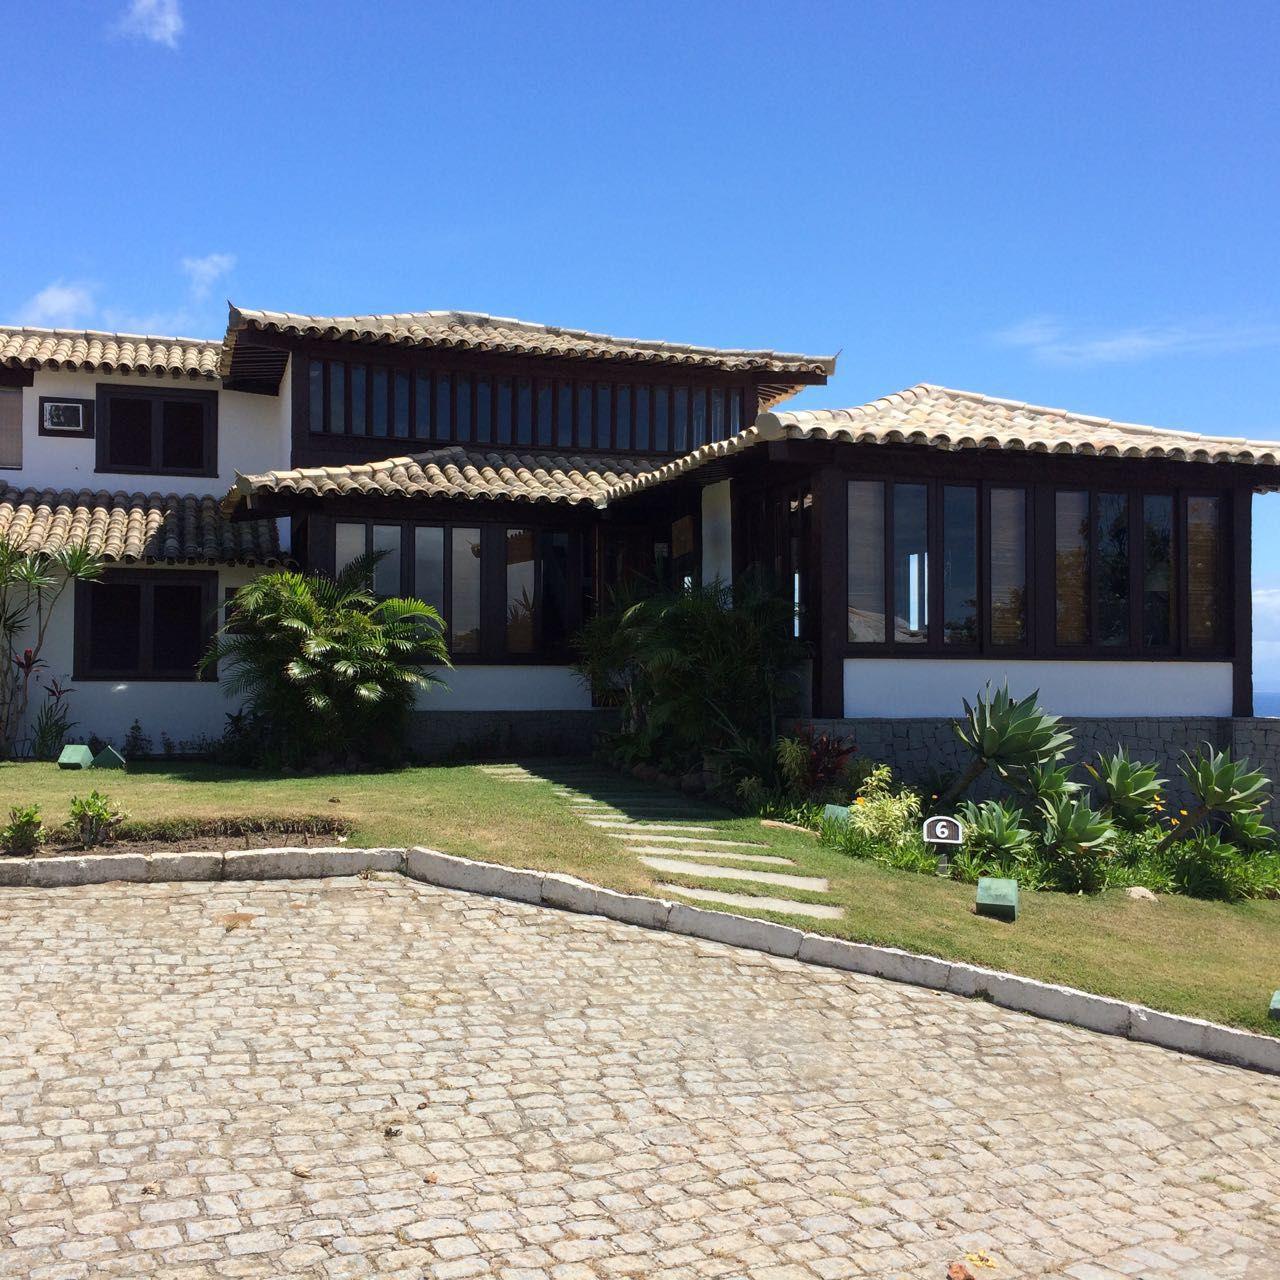 Casa em Condomínio para venda e aluguel Rua João Fernandes,João Fernandes, Armação dos Búzios - LTJF3 - 19